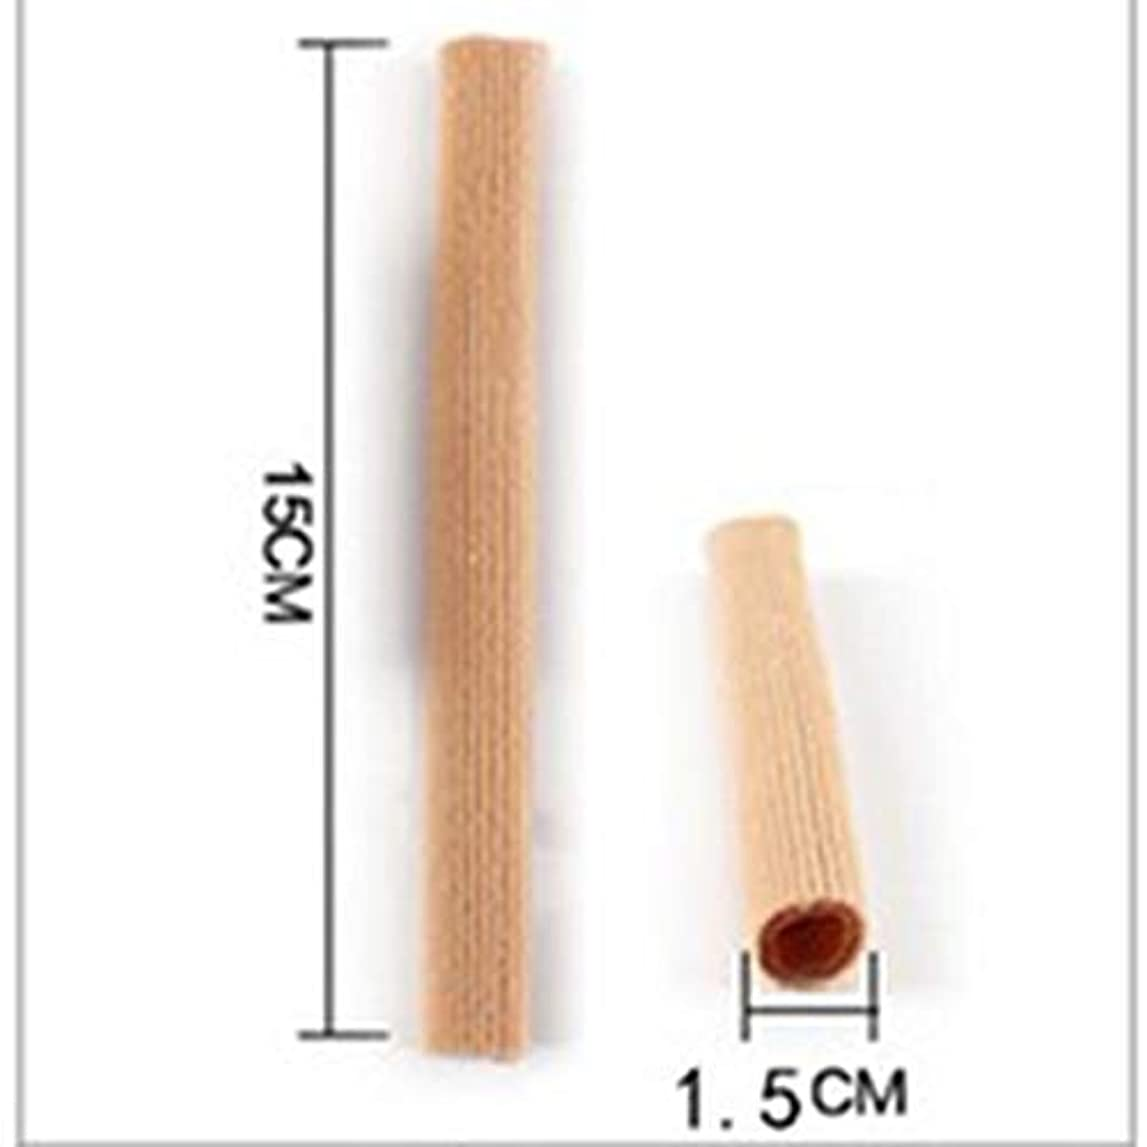 おいしいプラスエンジニアリングOpen Toe Tubes Gel Lined Fabric Sleeve Protectors To Prevent Corns, Calluses And Blisters While Softening And...